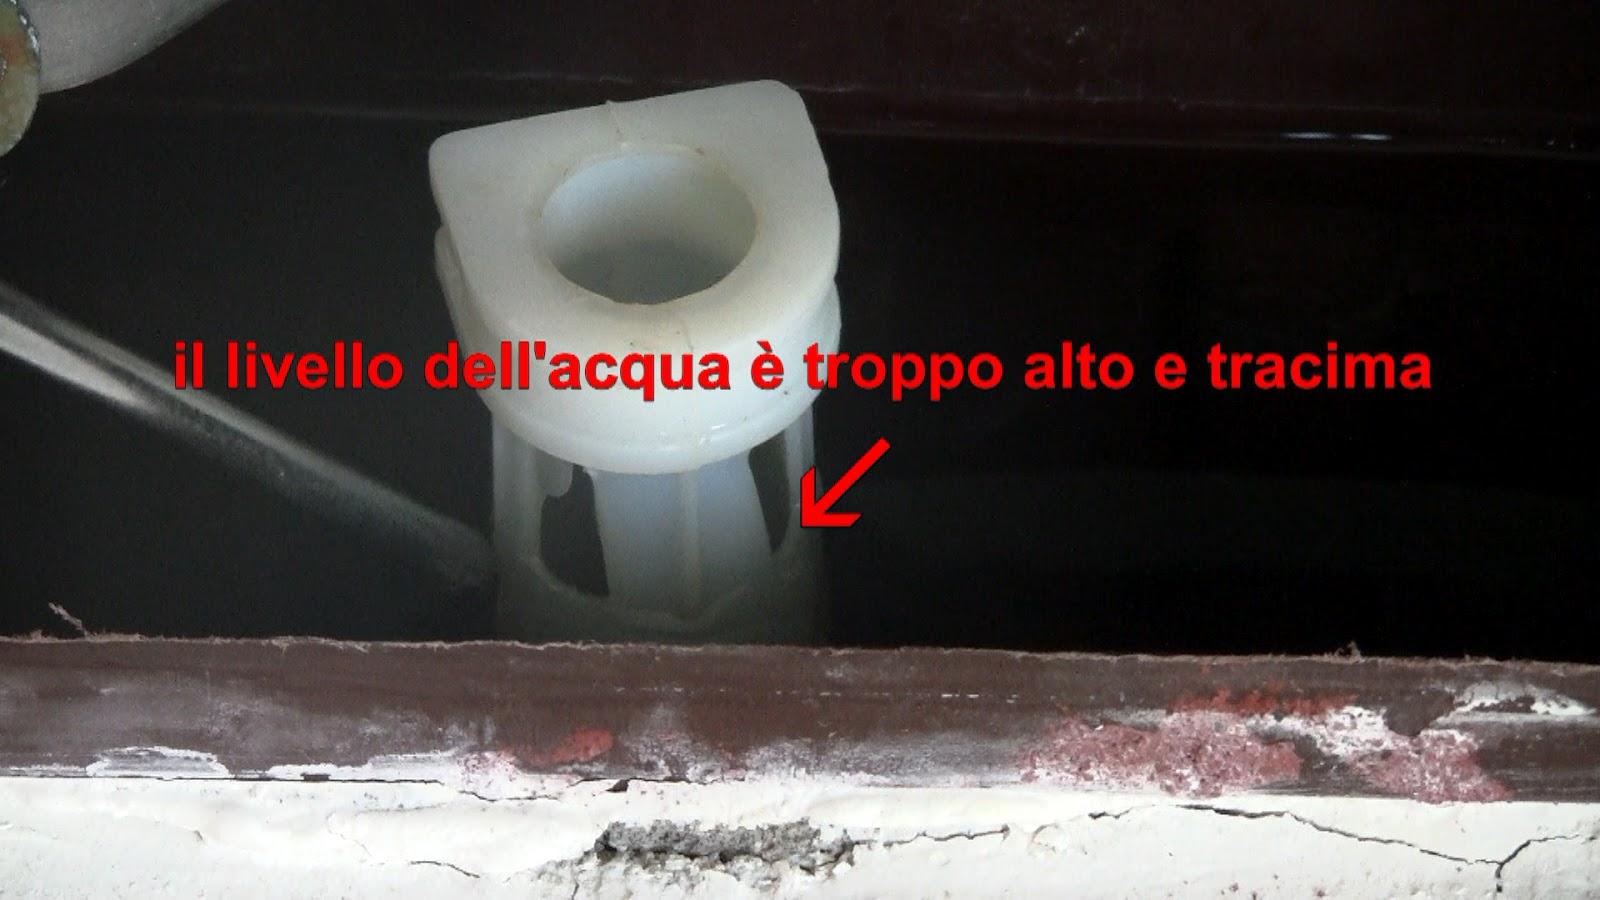 fai da te con l'esperto tuttofare -: perdita cassetta wc